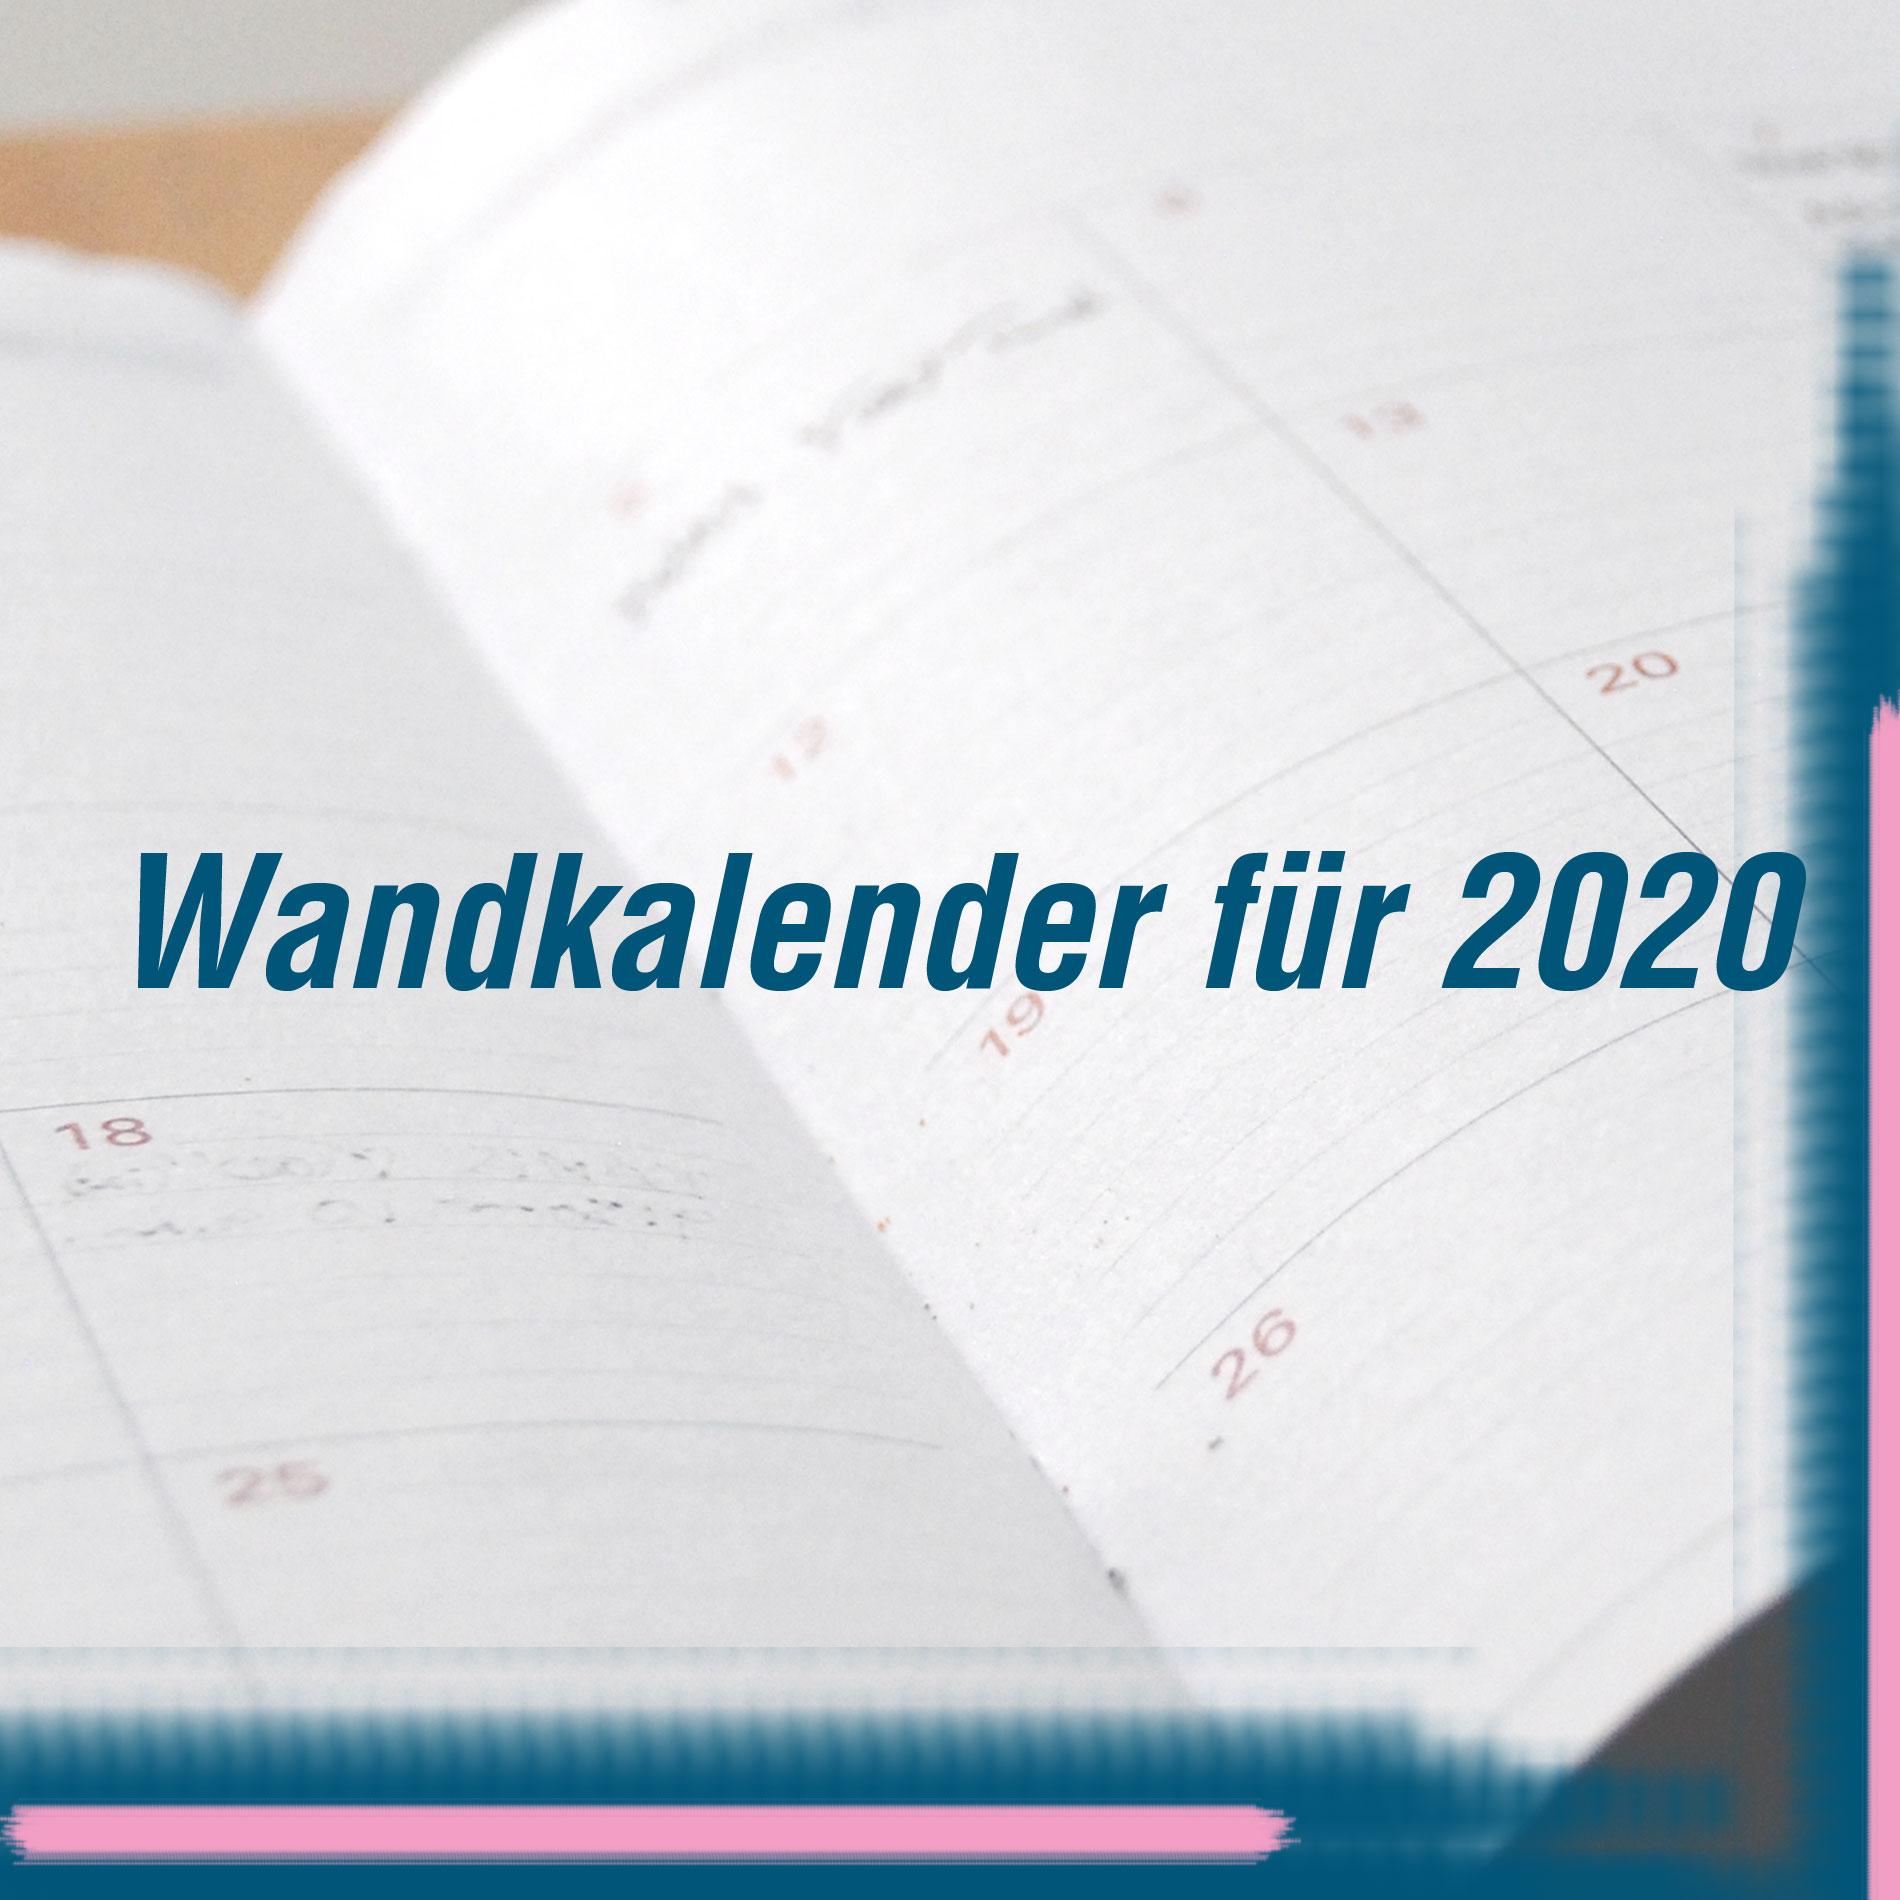 Wandkalender für 2020, Kalender 2020, Home, Interior, Wohlbefinden, To-Do's, To-Be's, Kalender für das neue Jahr, Wandkalender